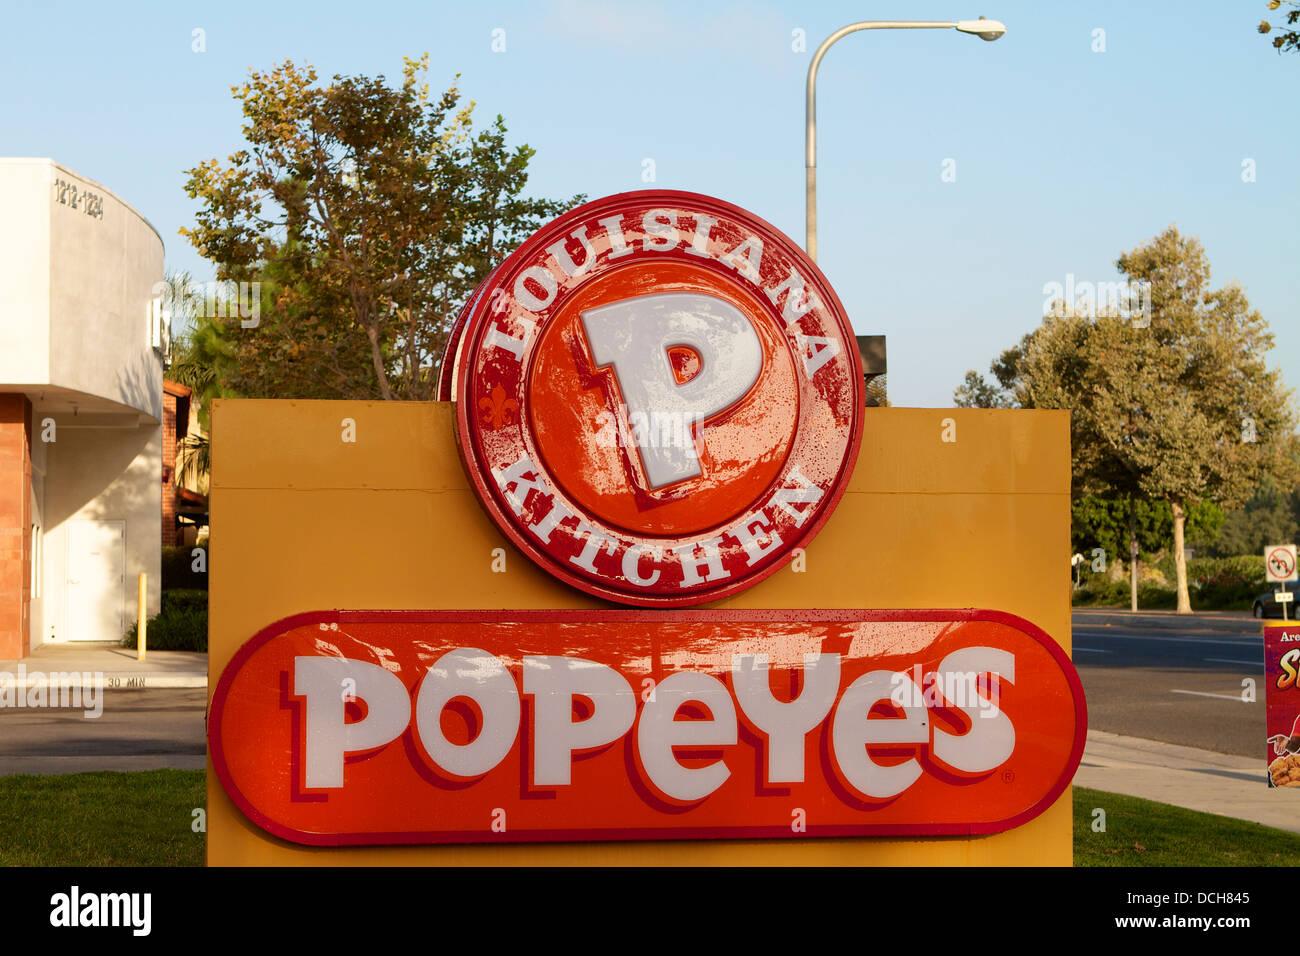 Popeyes Louisiana Küche, Restaurant in Kalifornien. Mit einem \